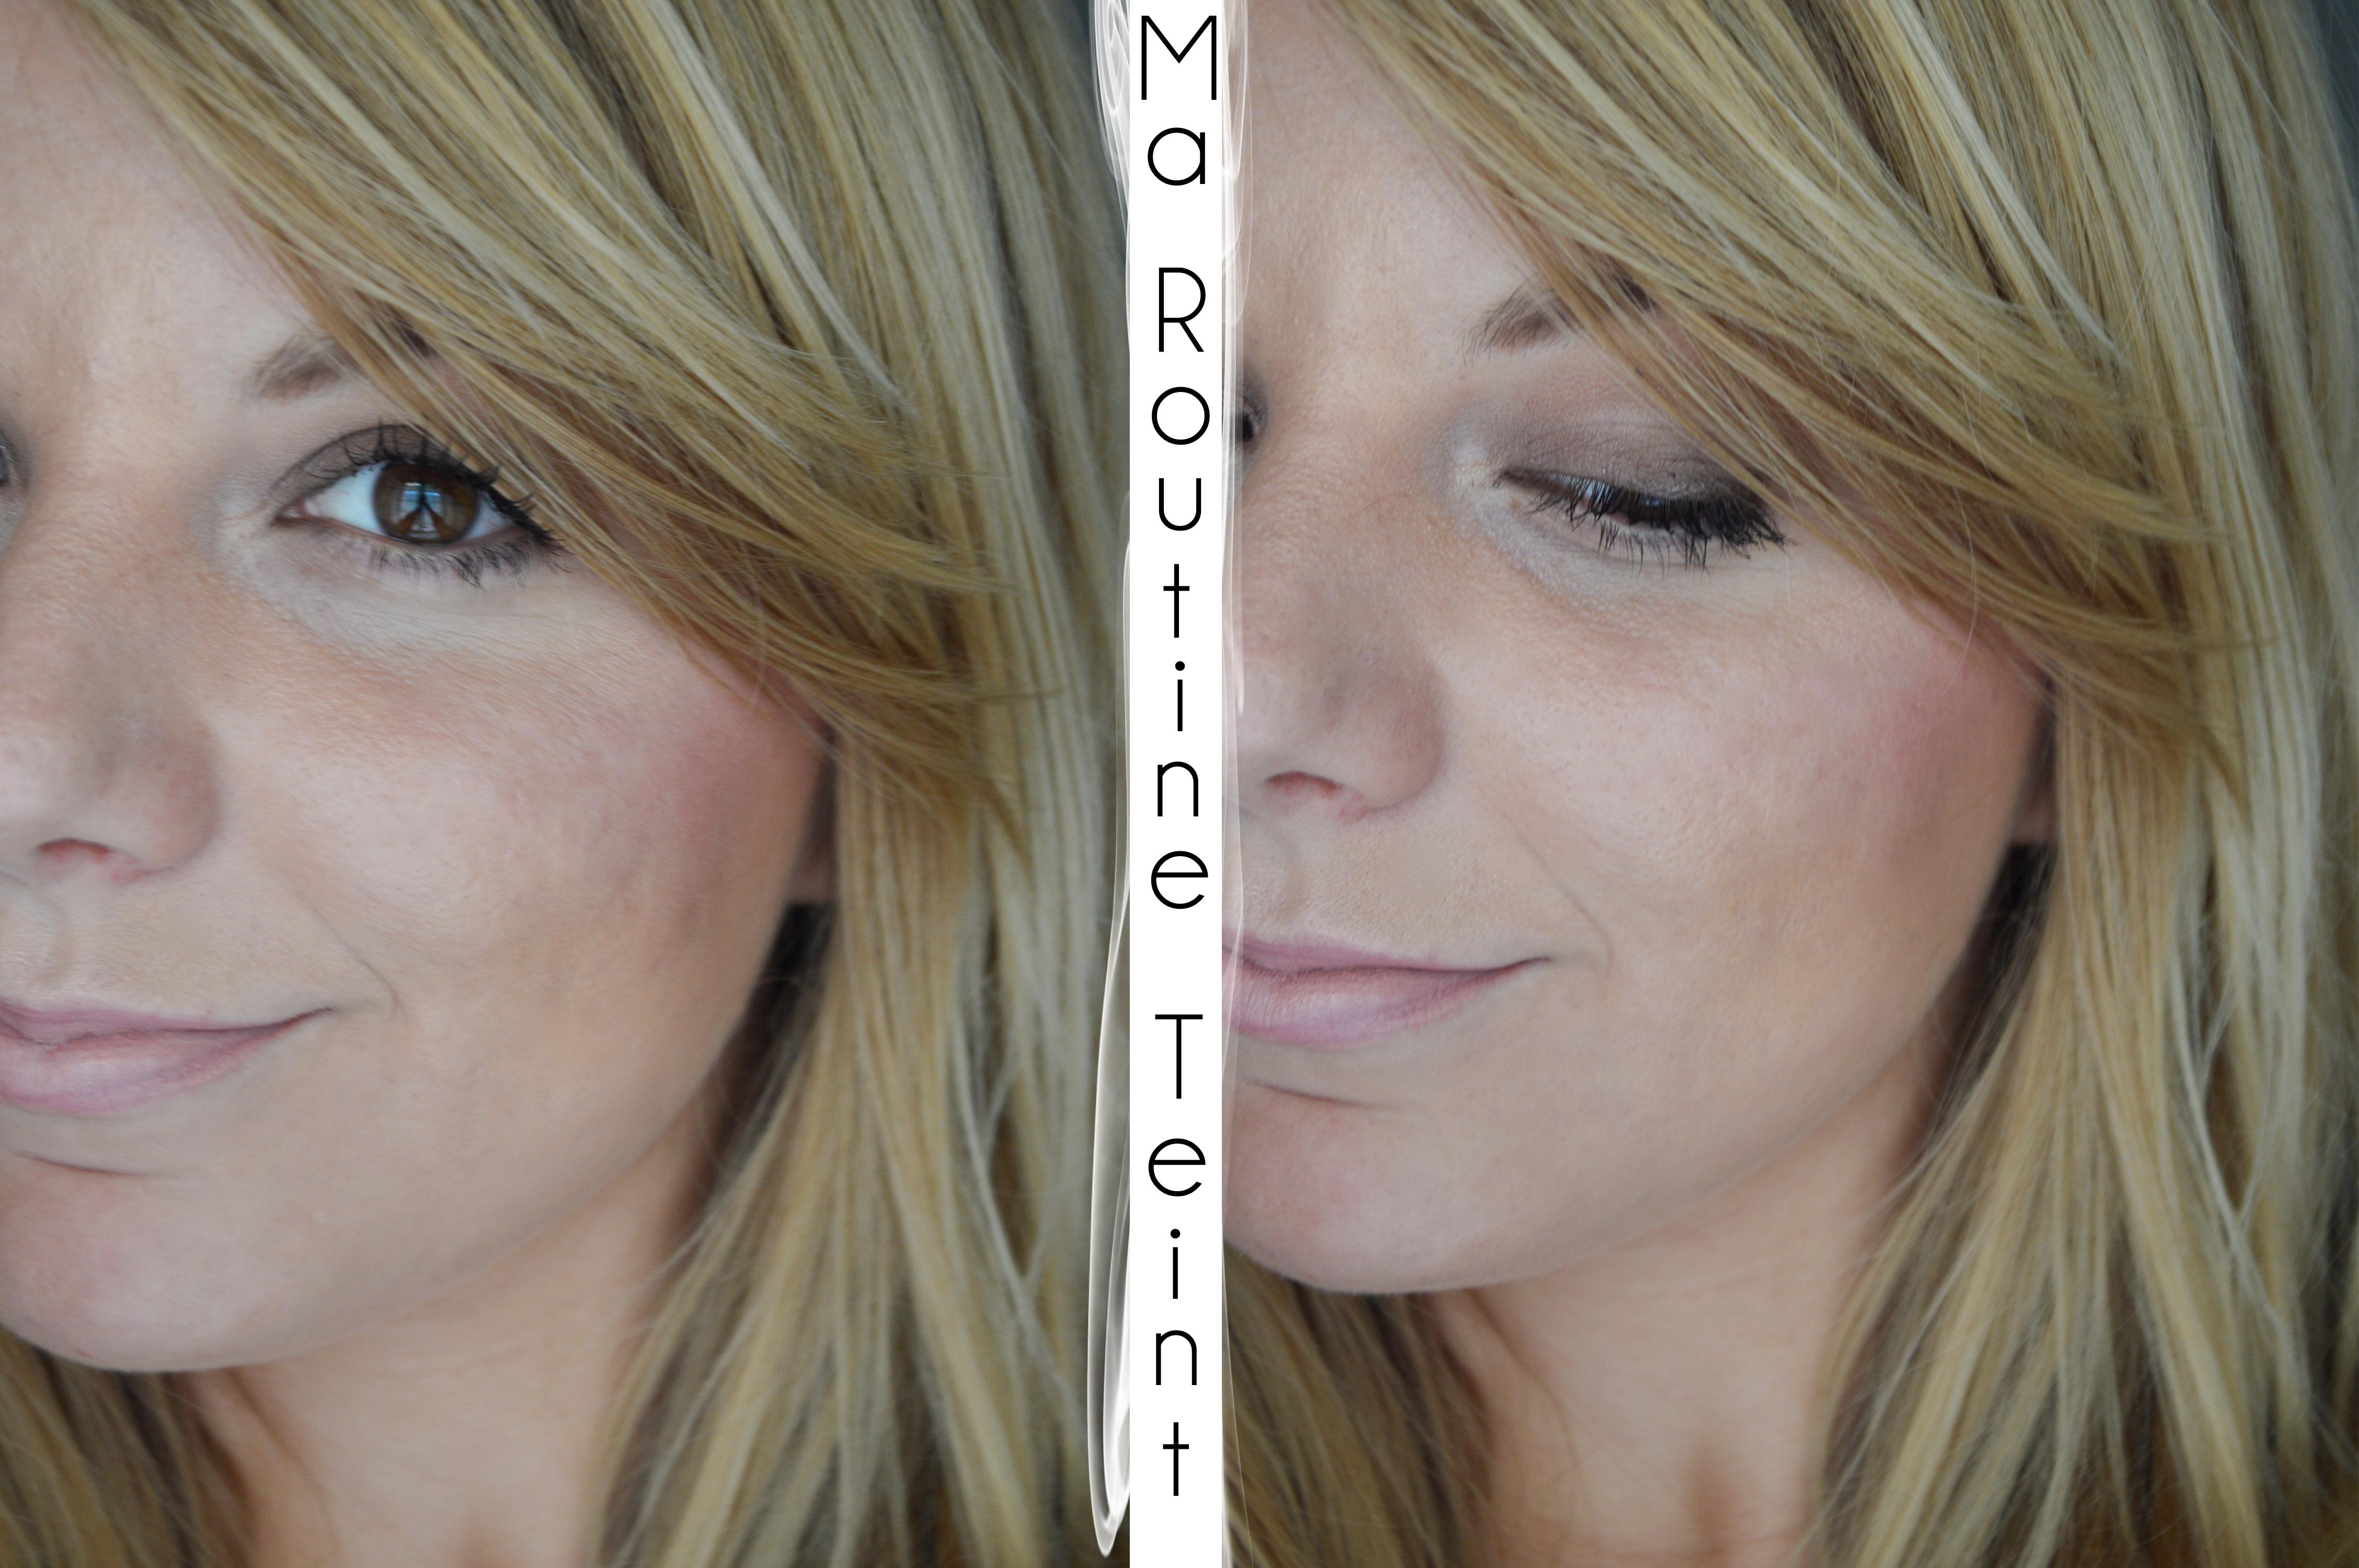 ALITTLEB-Blog-beauté-routine-teint-estivale-2014-Lumière-et-peau-halée-sephora-erborian-kiko-sleek-les-produits-Après